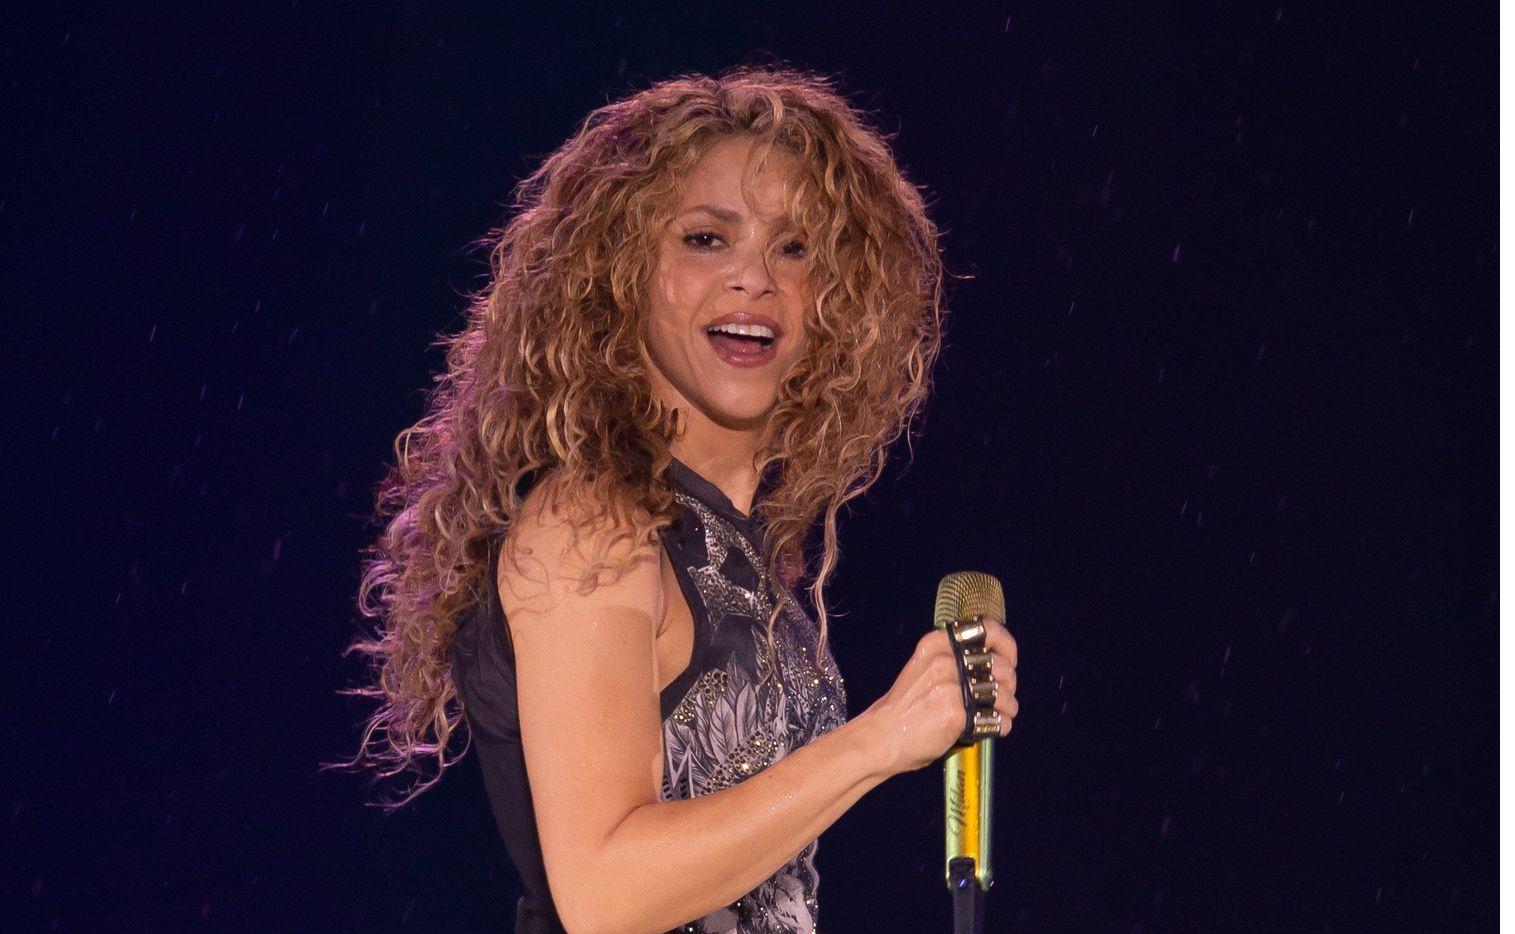 Shakira que enfrentará un juicio por evasión fiscal en España también apareció en los Pandora Papers, dados a conocer el domingo 3 de octubre de 2021, por haber abierto empresas en paraísos fiscales.